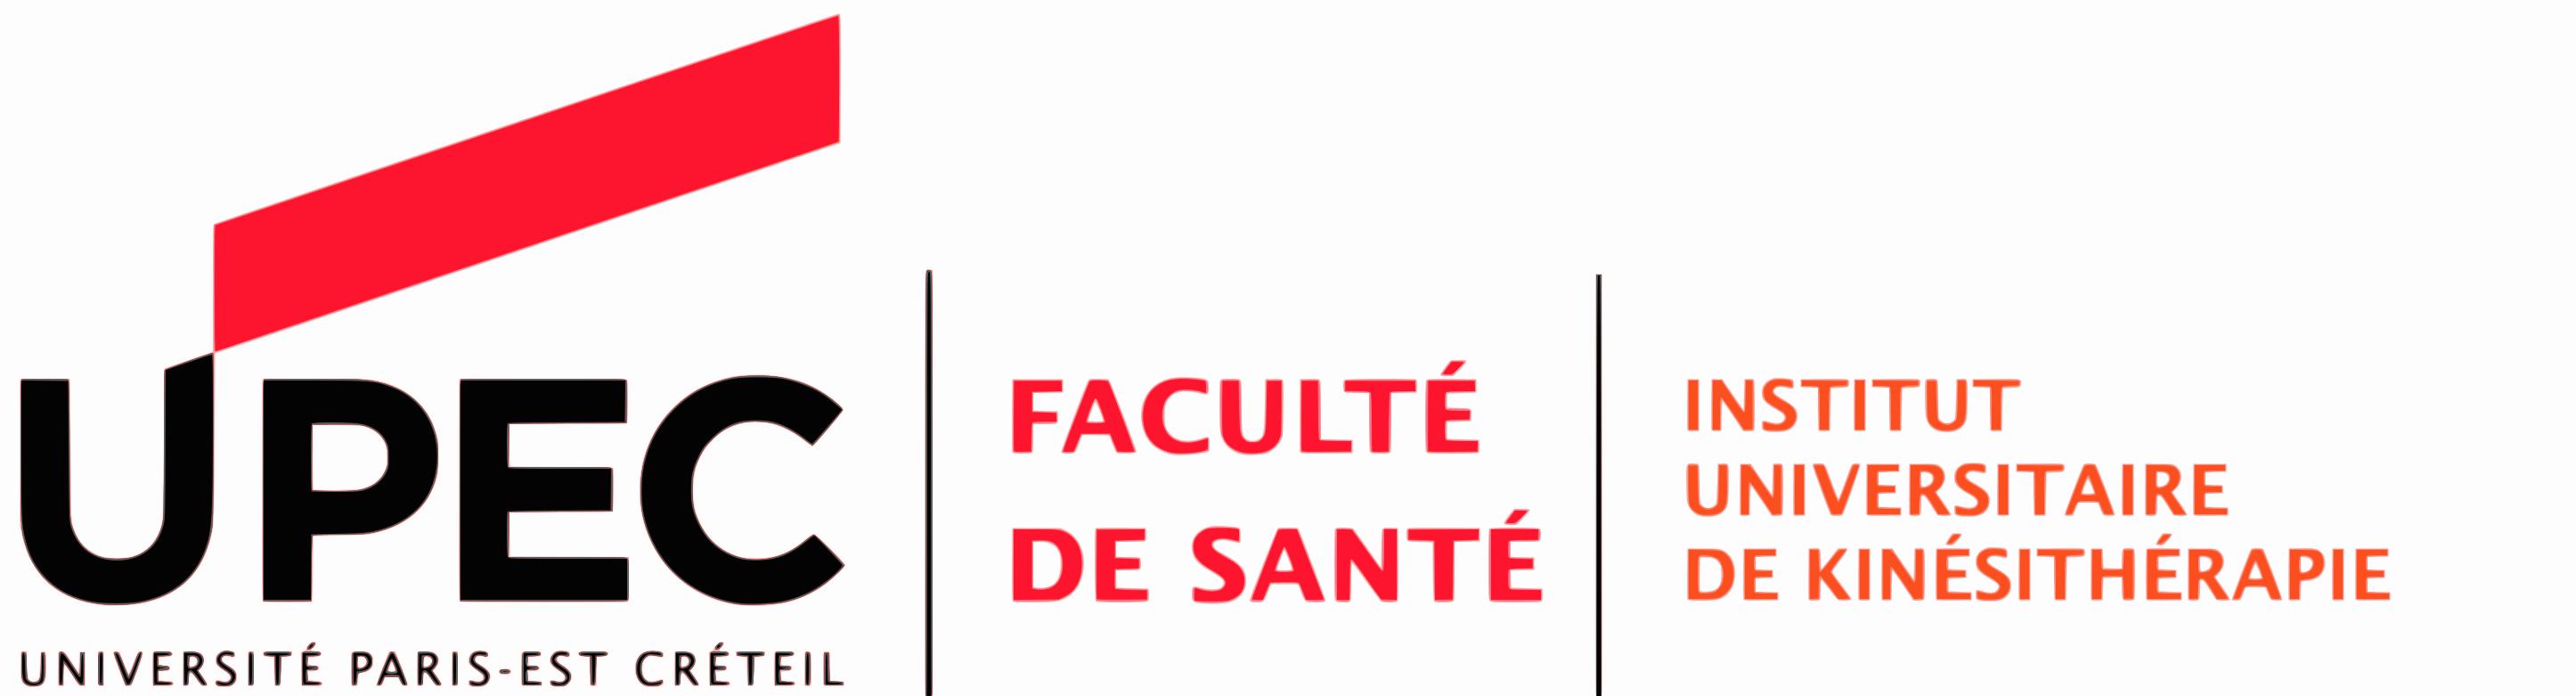 Logo IUK